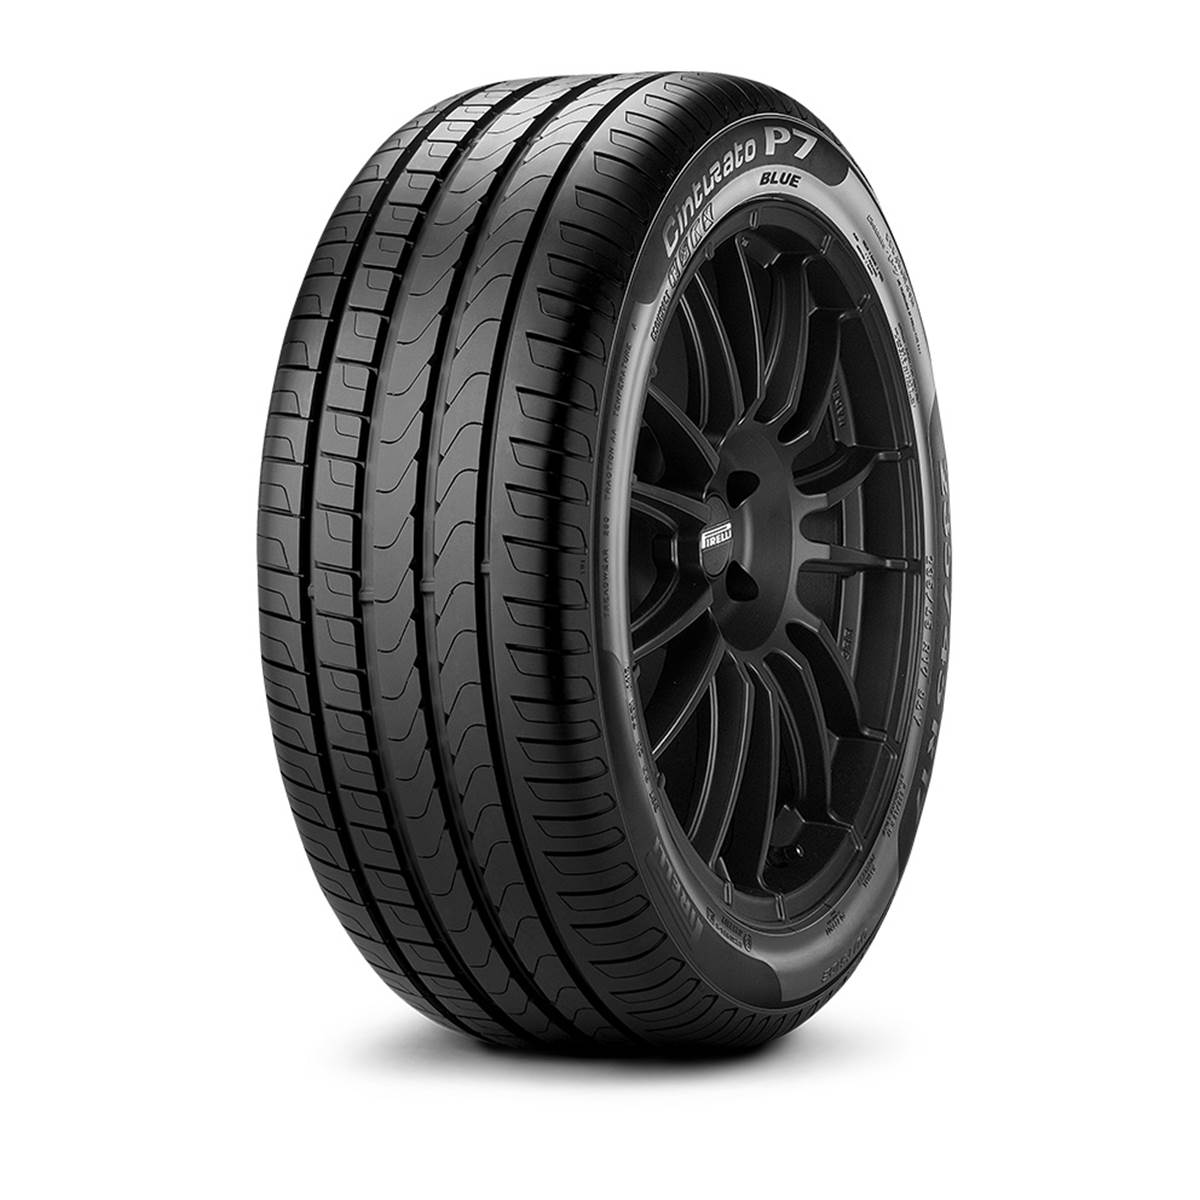 Pneu Pirelli 215/50R17 95W Cinturato P7 Blue